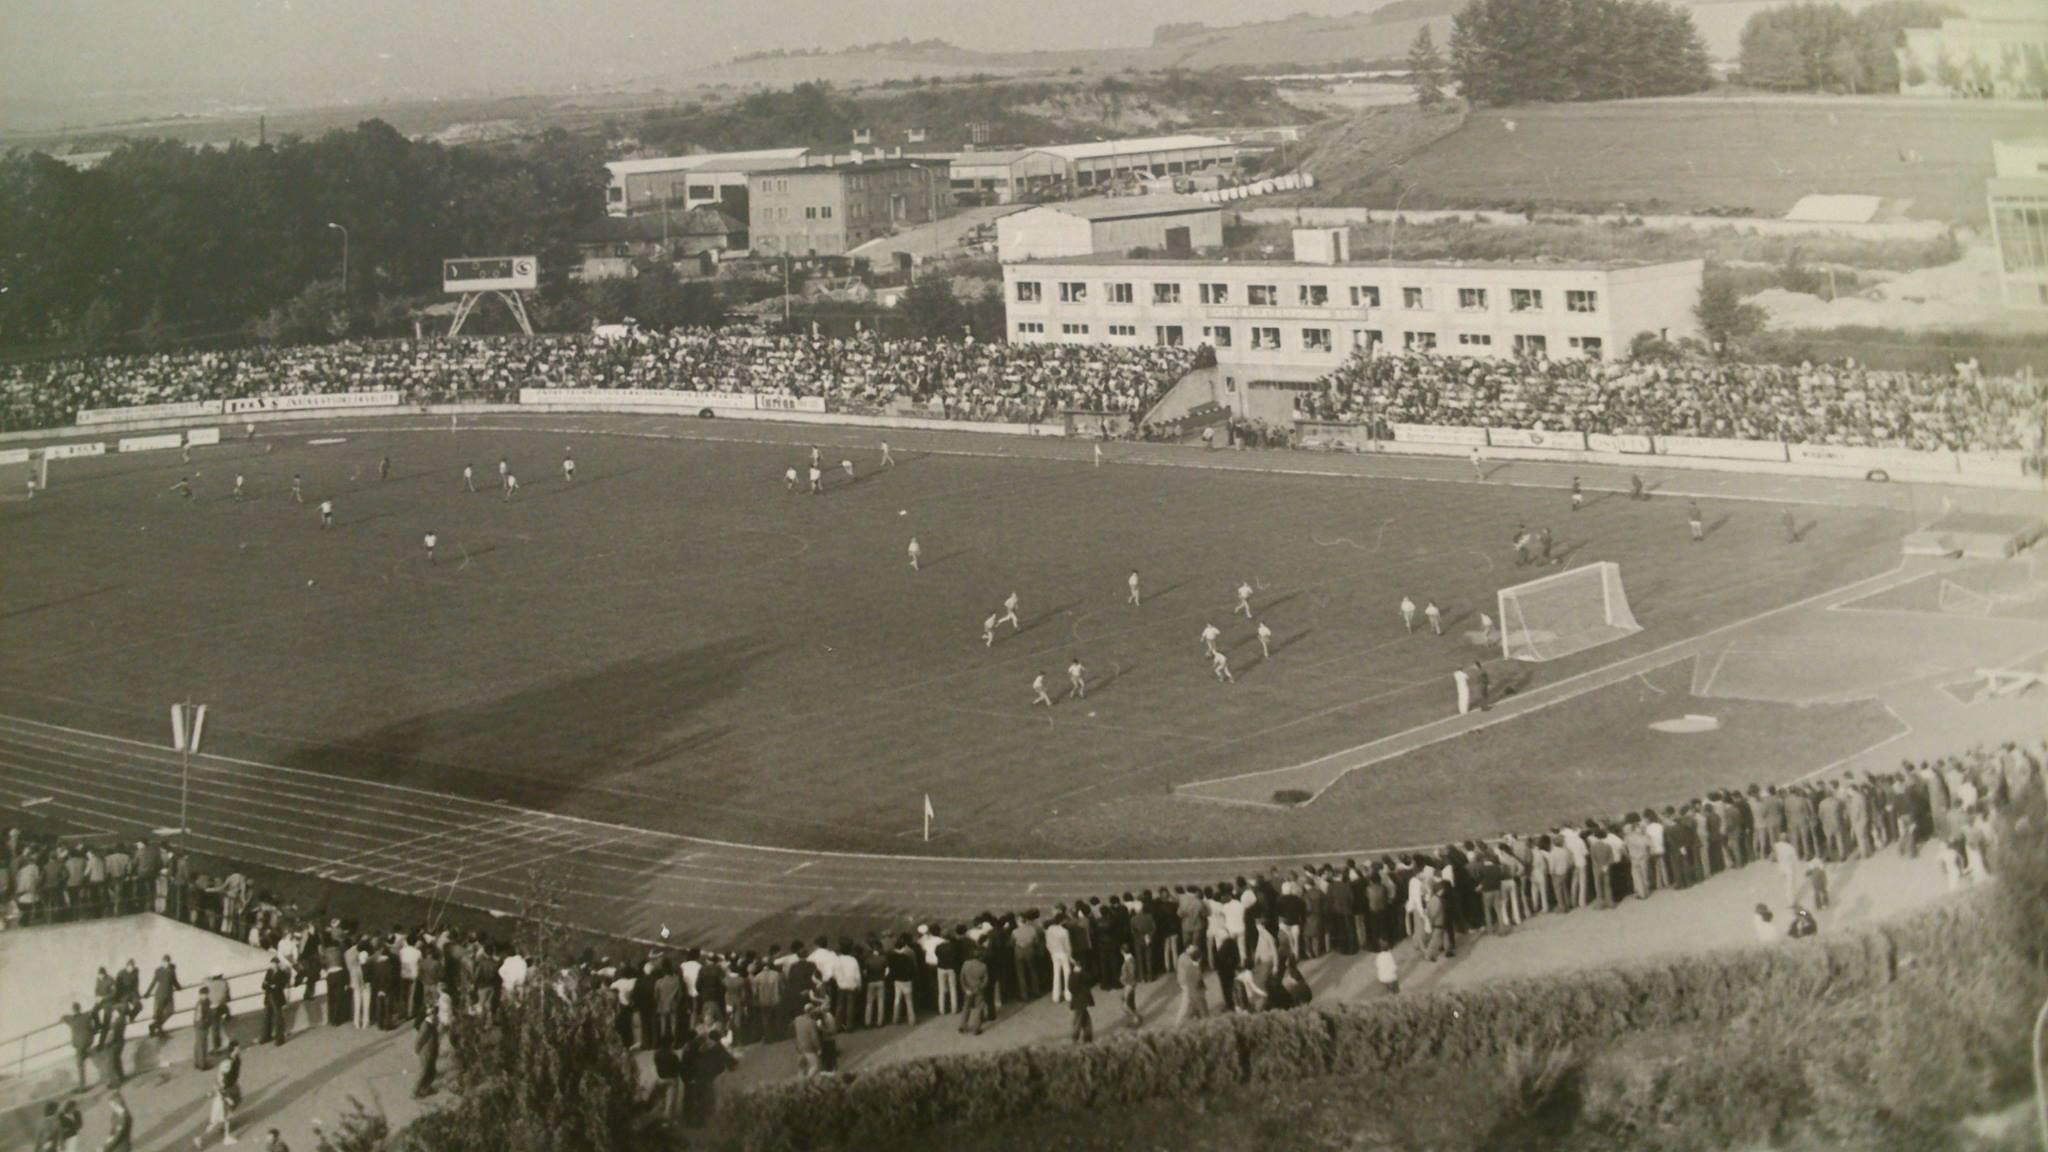 Futbalový štadion, 70te roky